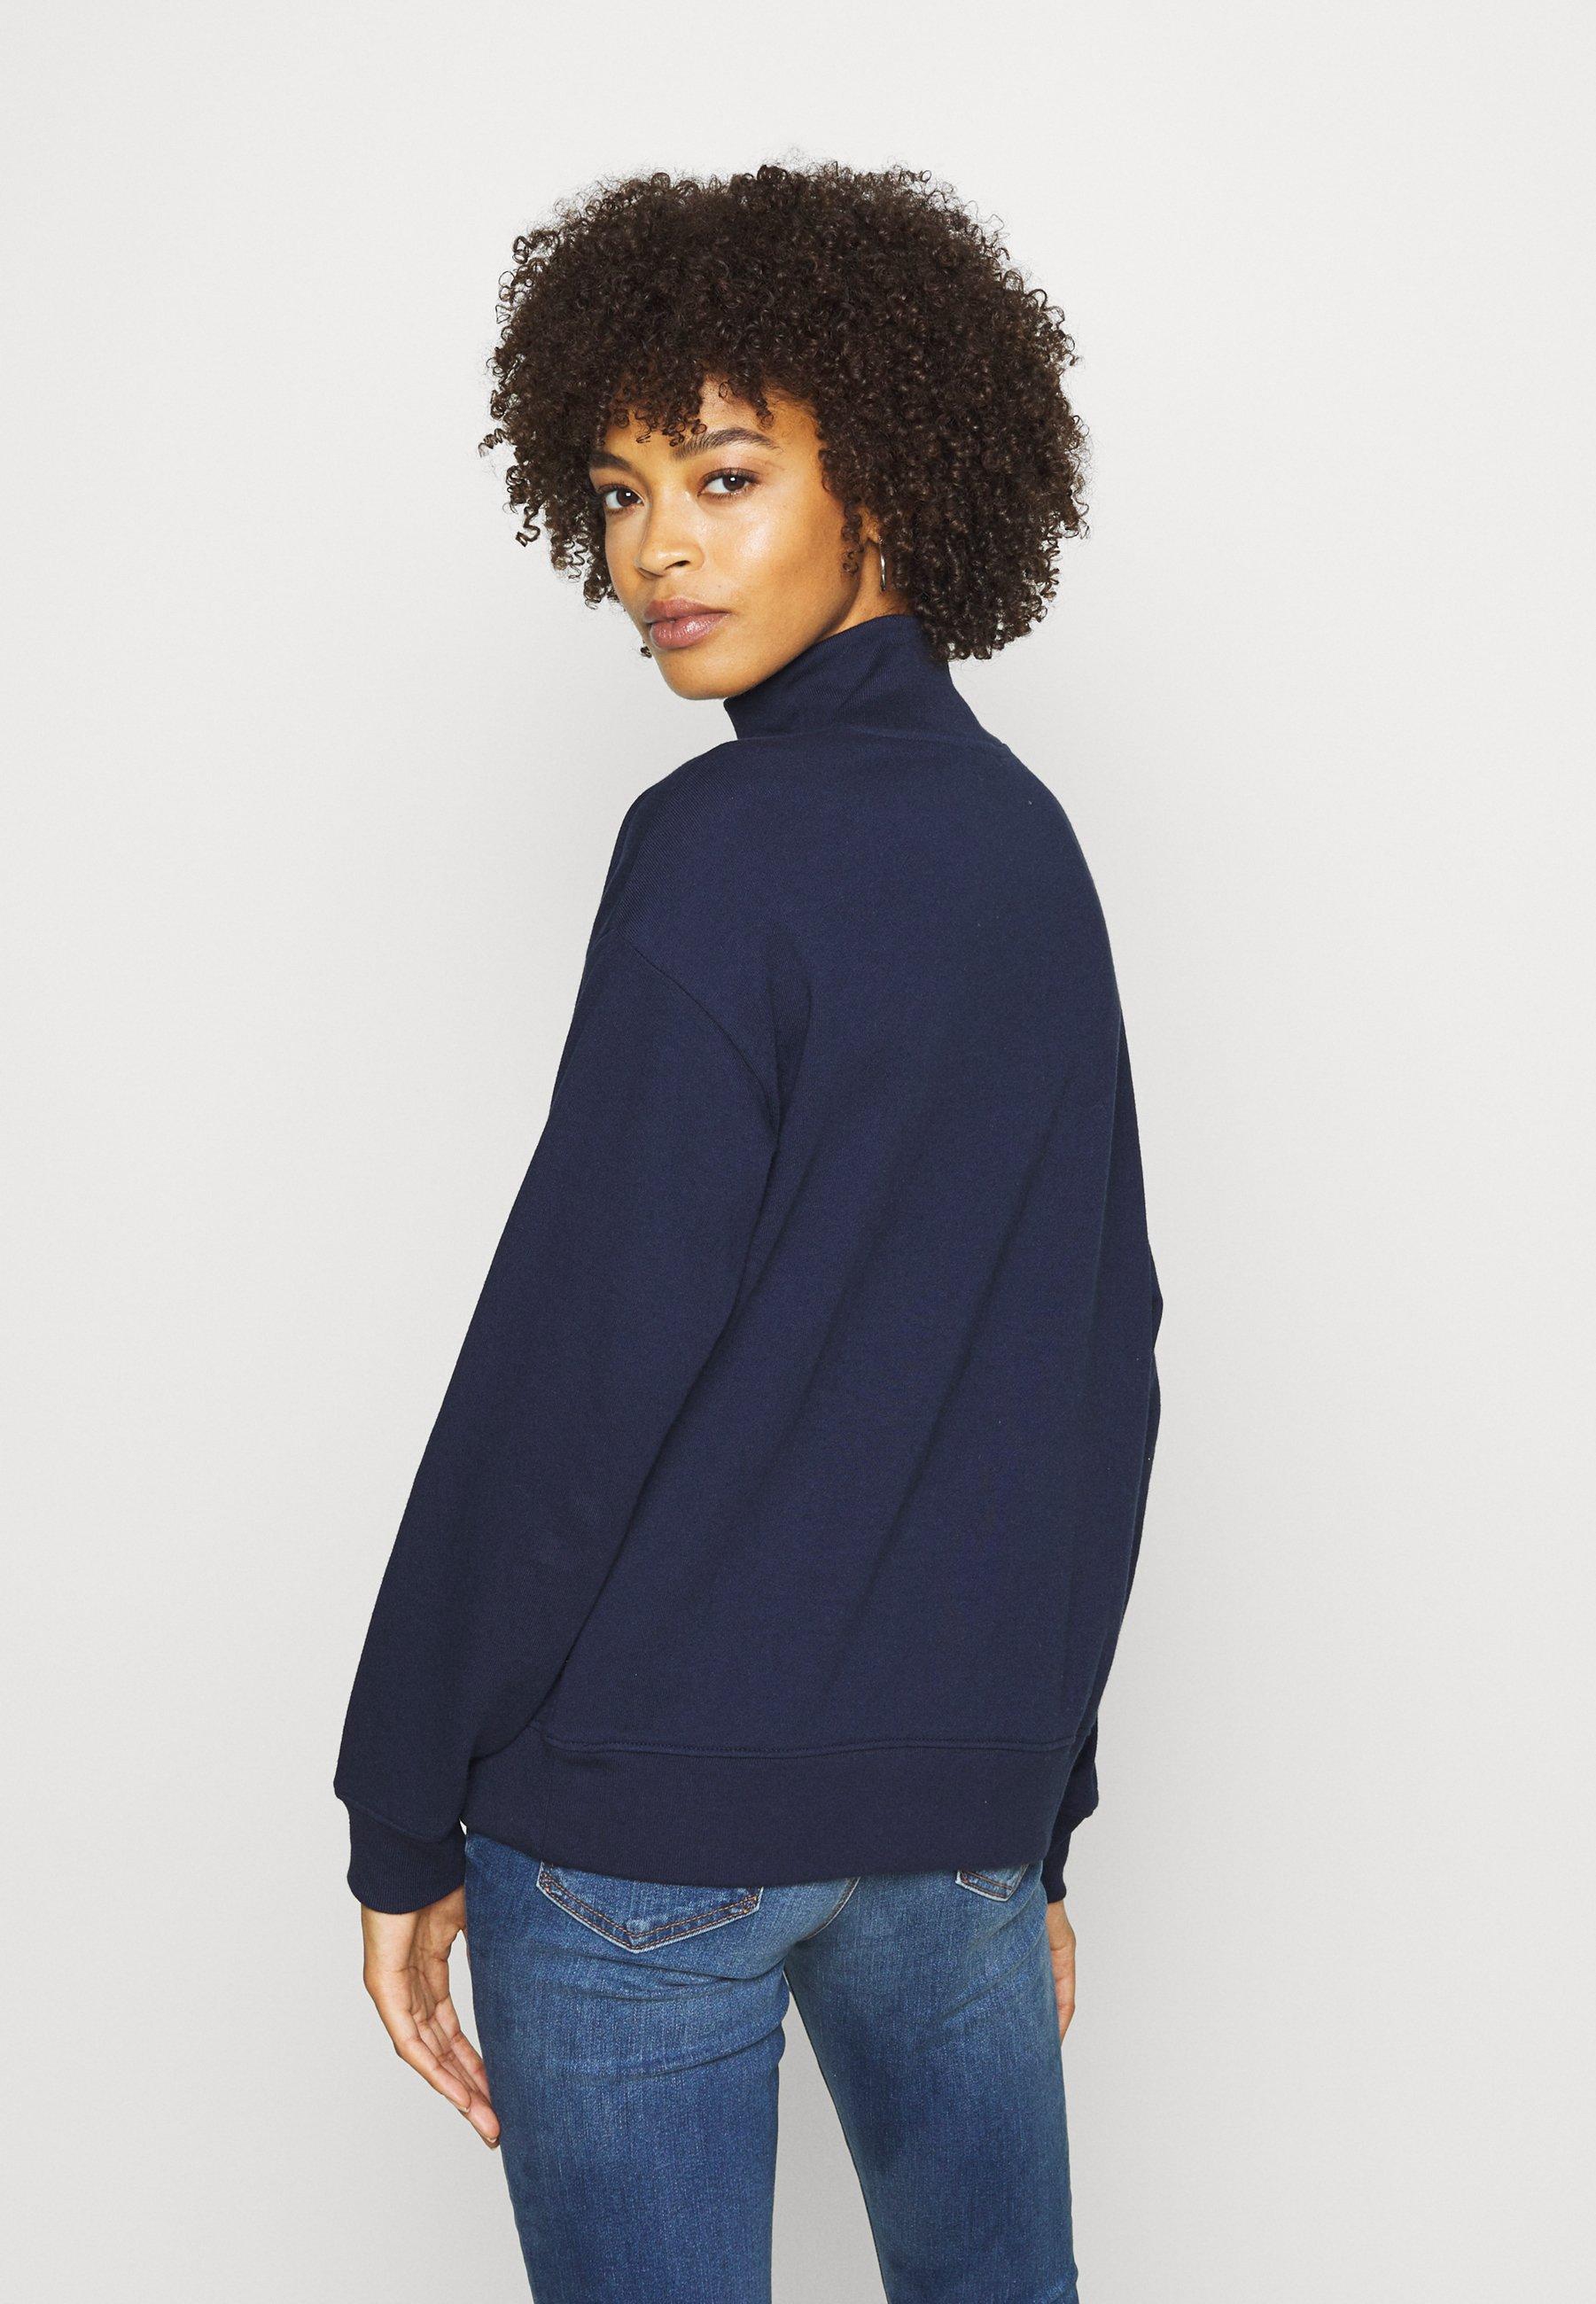 Gap Half Zip - Sweater Navy Uniform